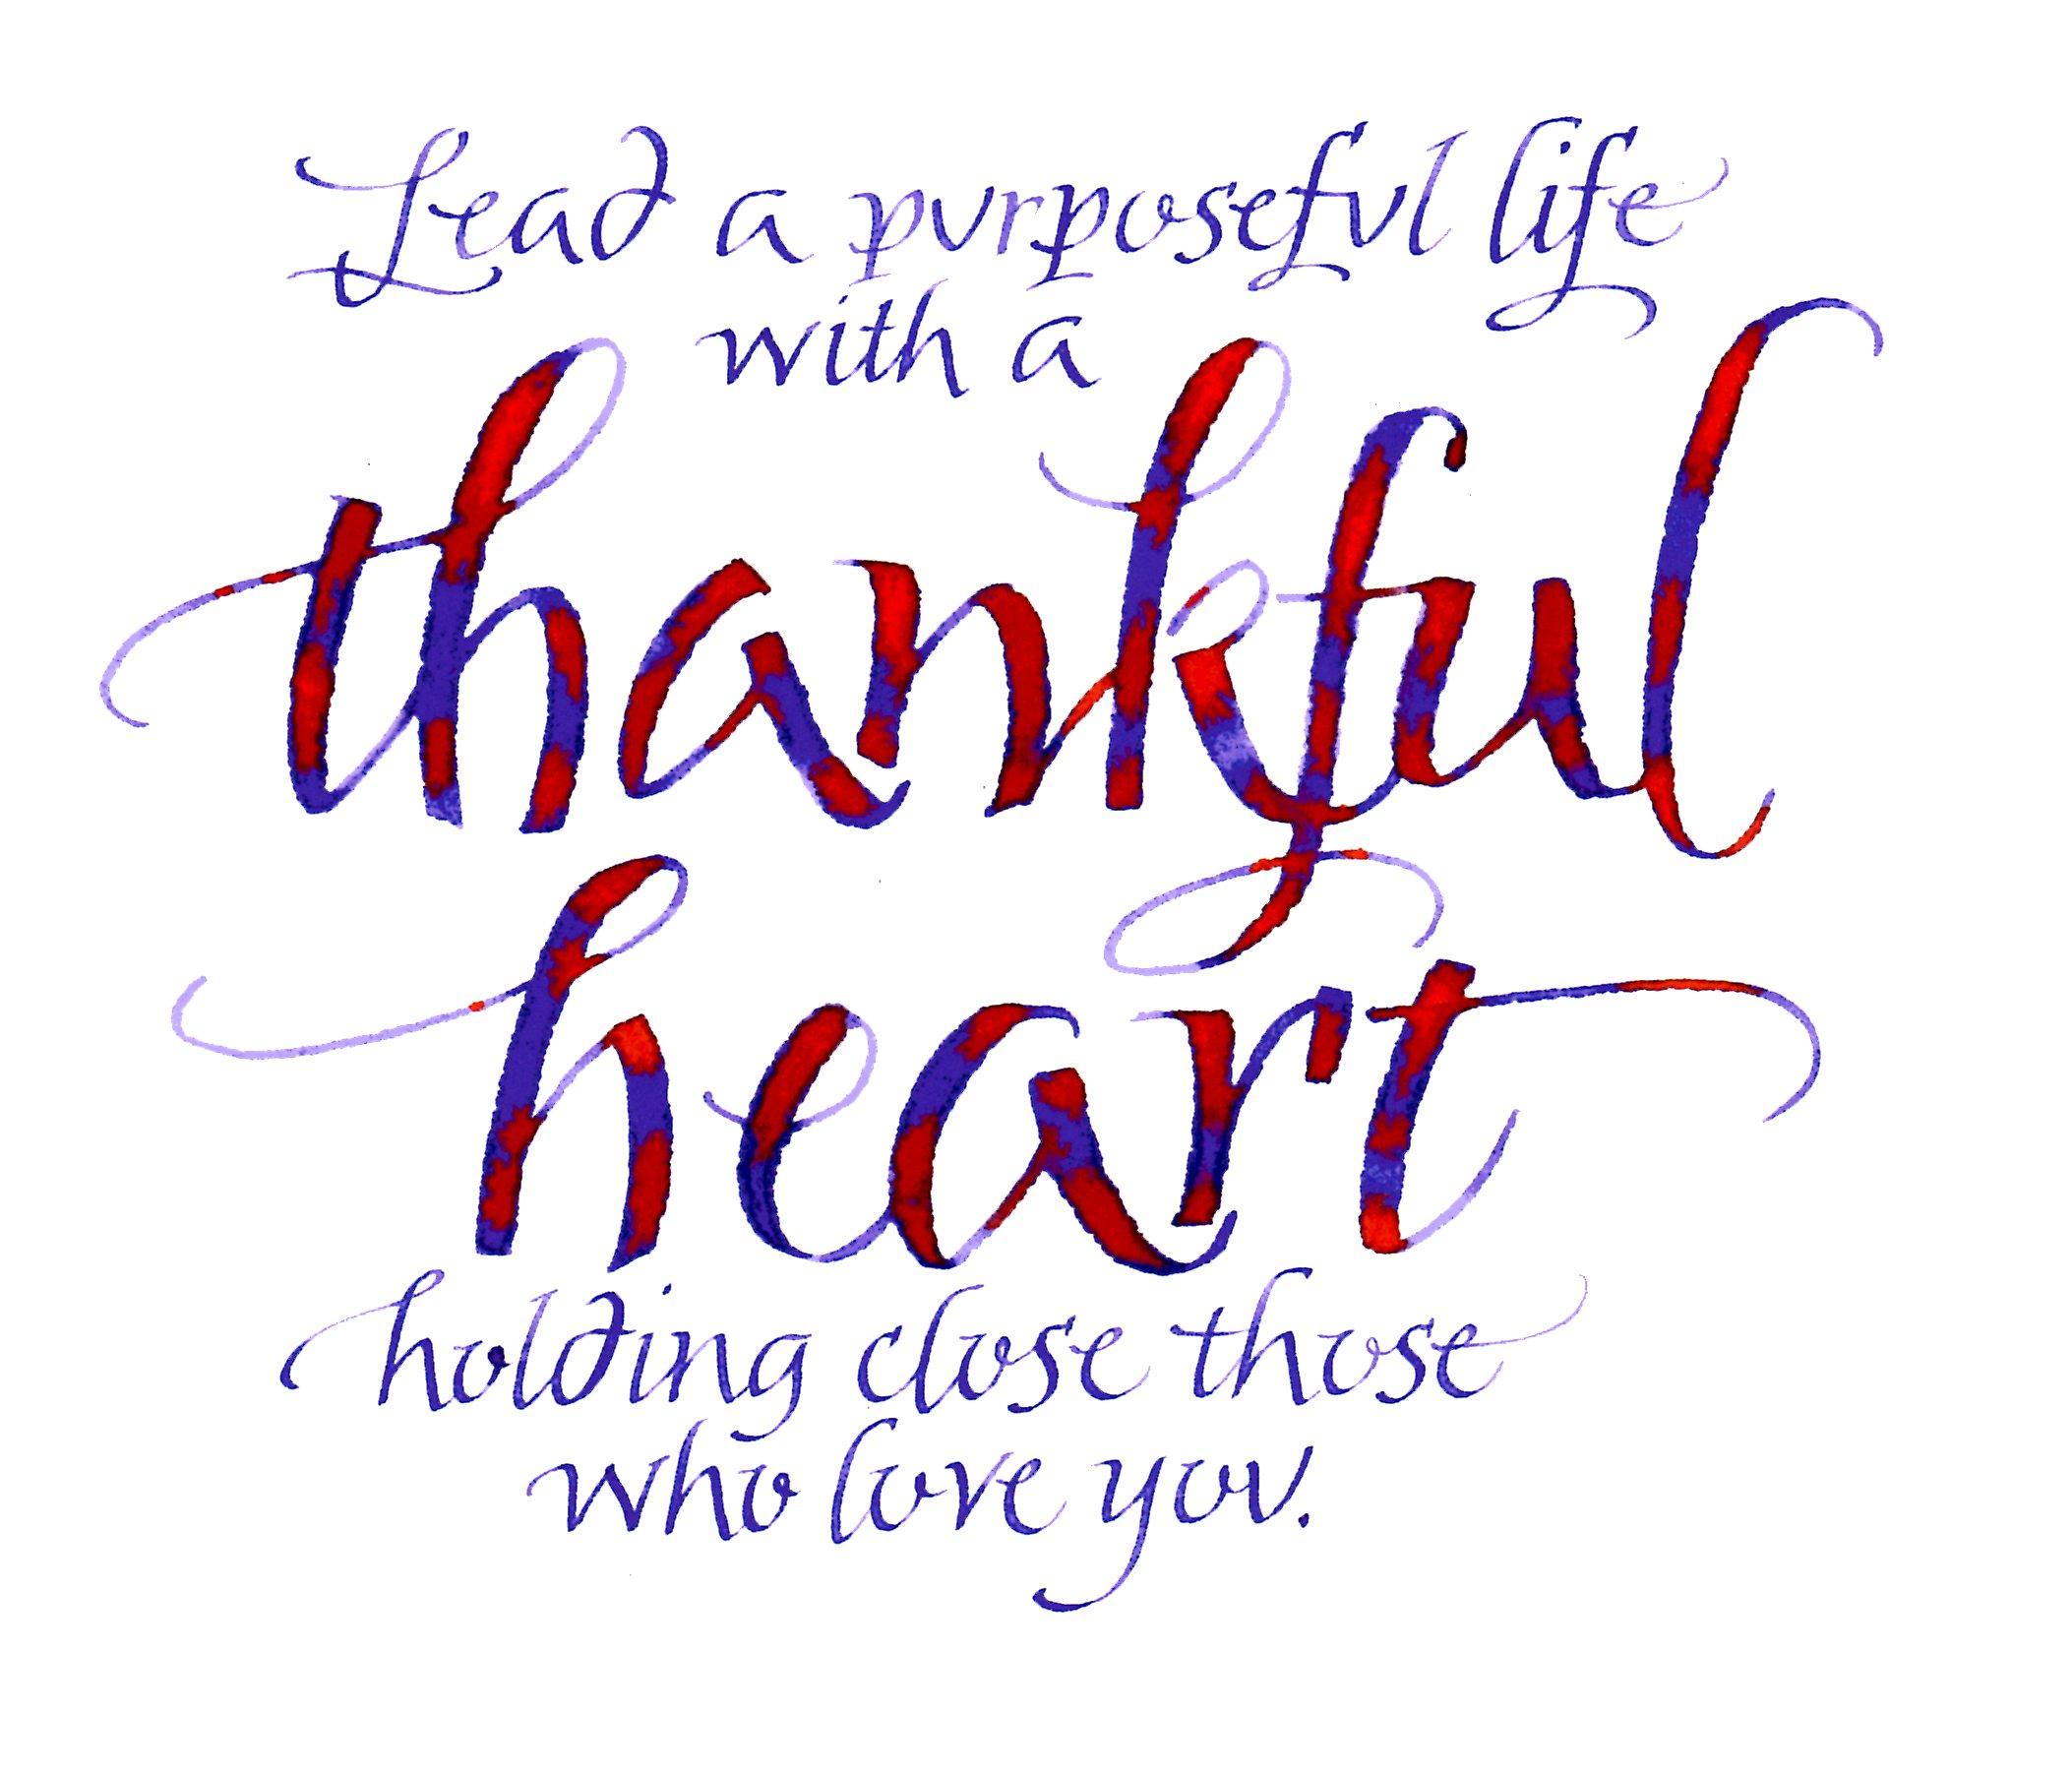 thankful heart001